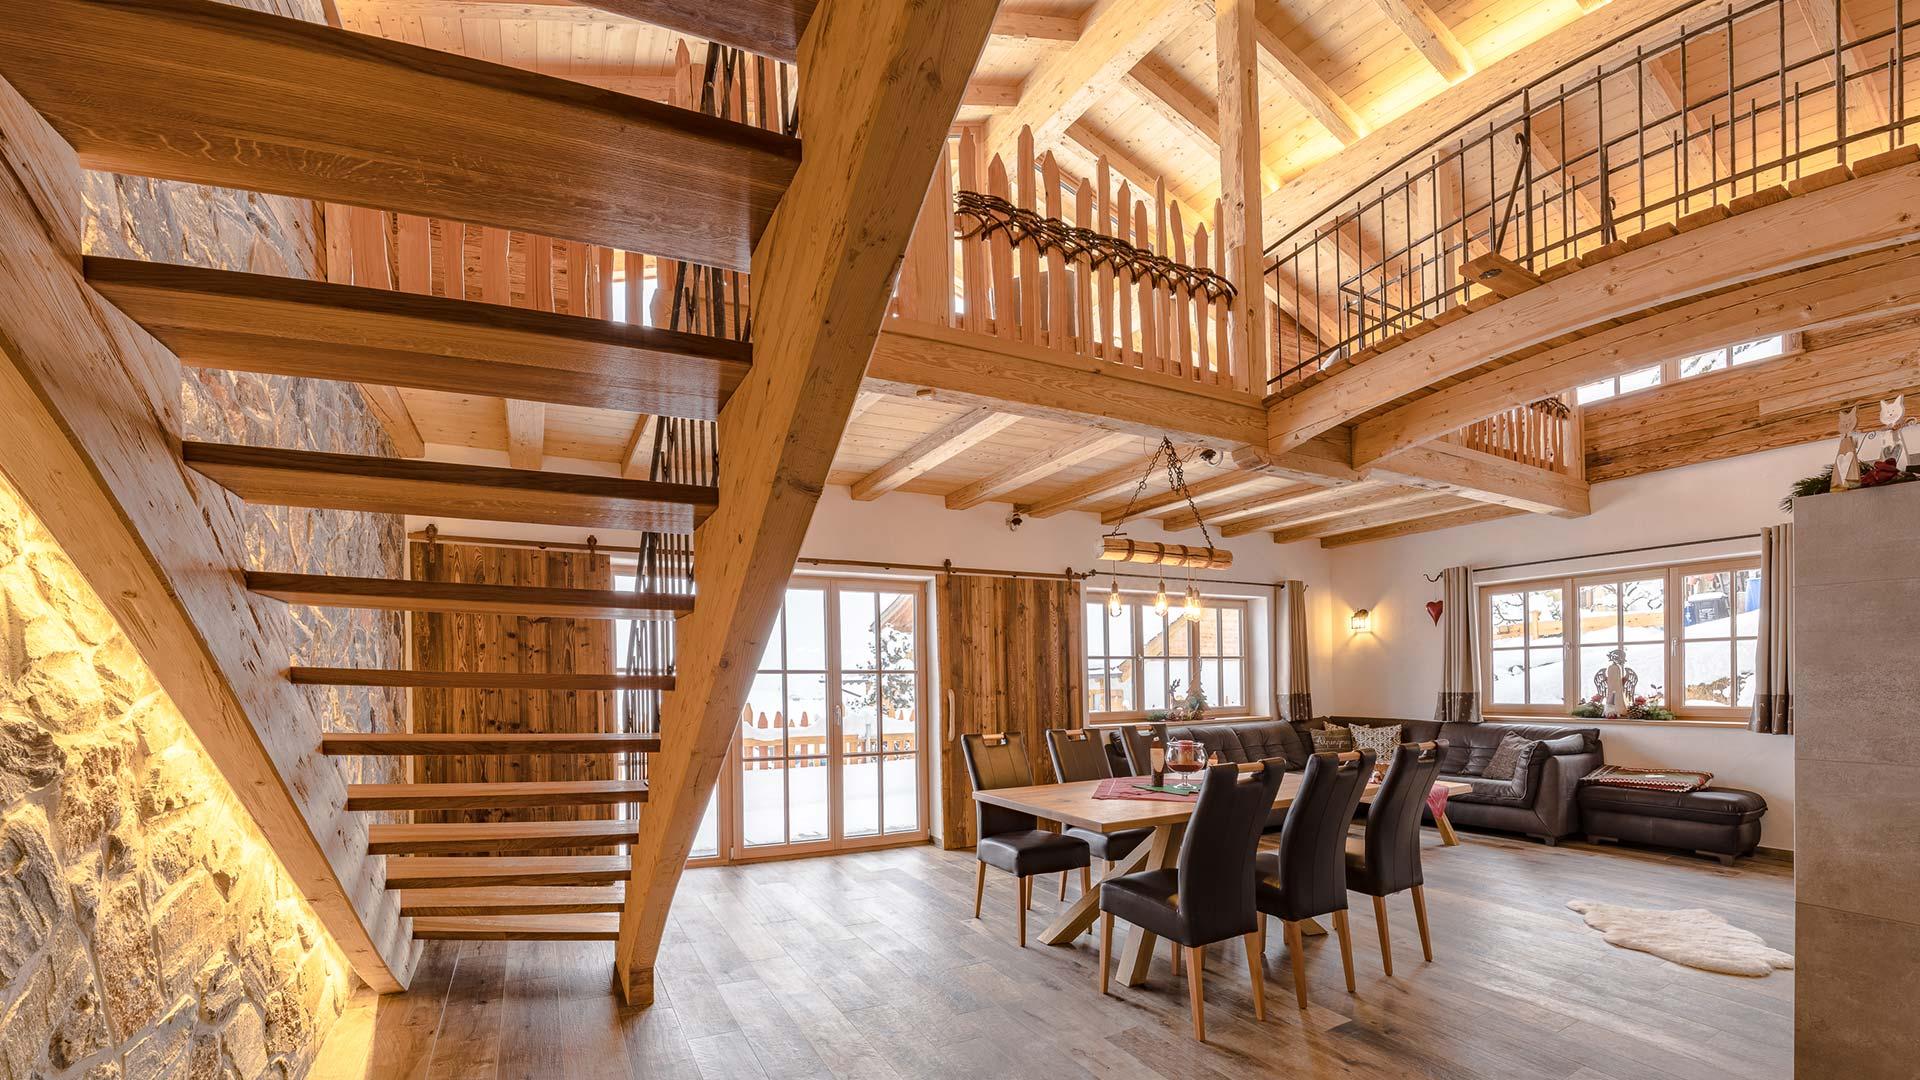 5 Sterne Ferienhaus Chalet Alpengruss Urlaub In Bayern